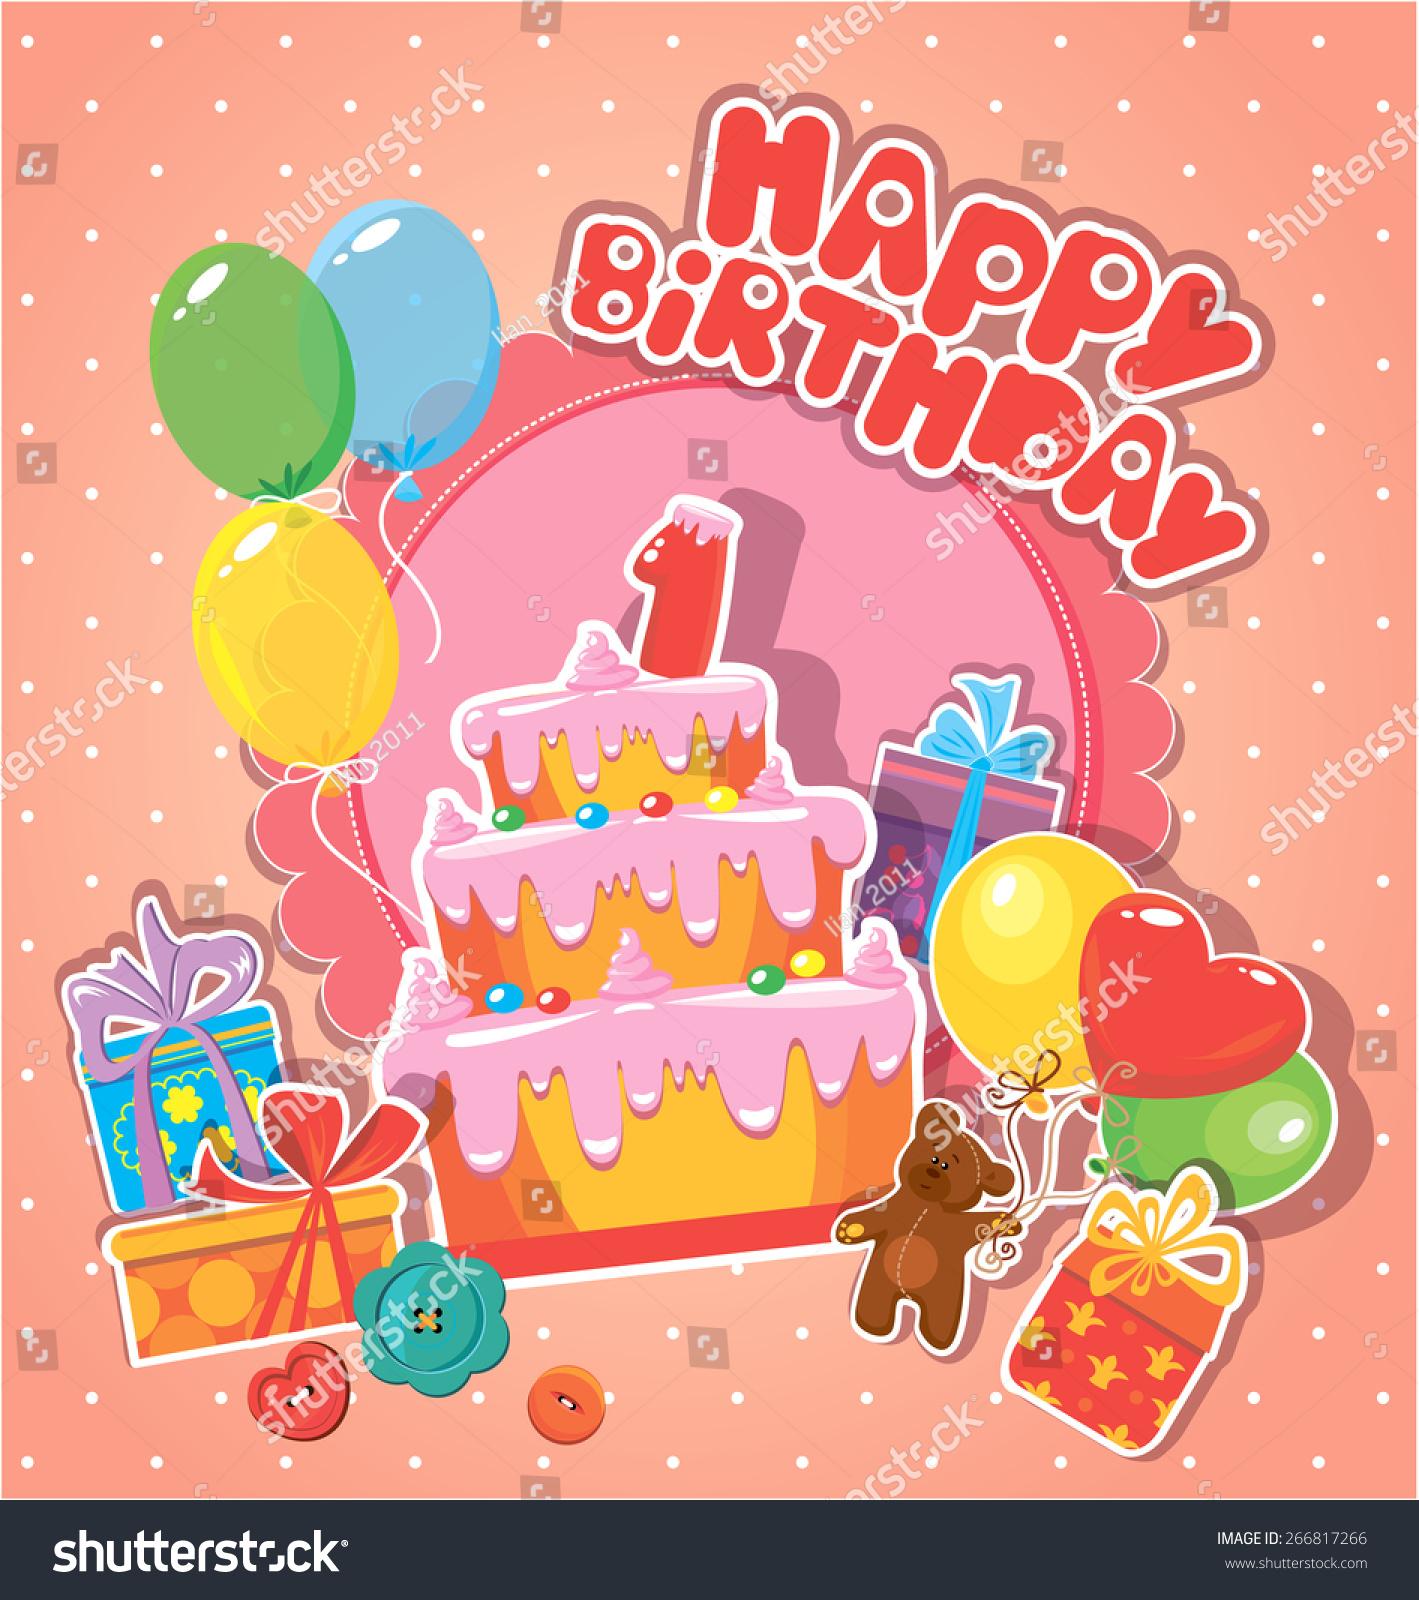 baby birthday card teddy bear big stock illustration, Birthday card